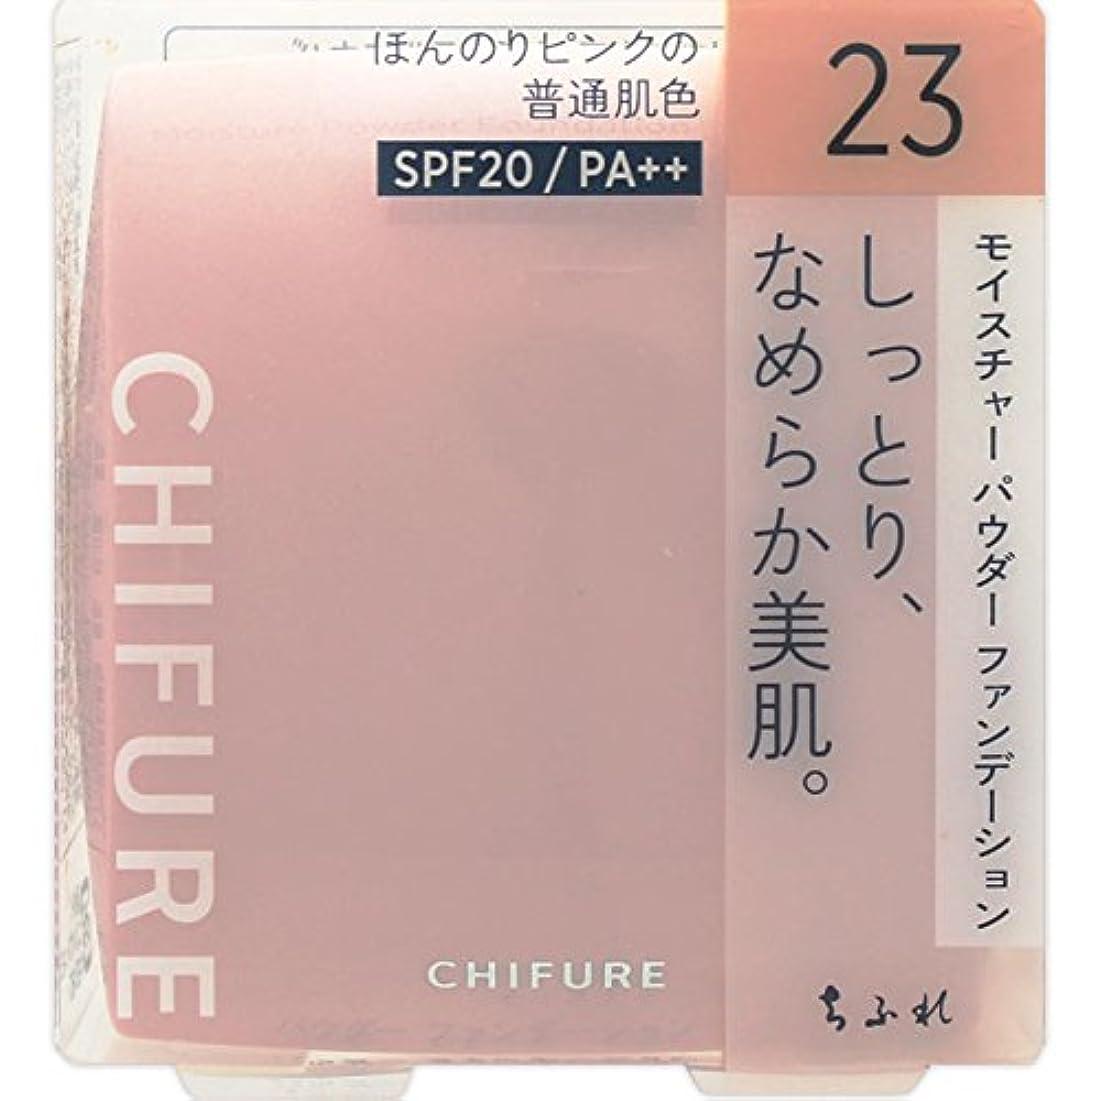 迫害する逃れるシャープちふれ化粧品 モイスチャー パウダーファンデーション(スポンジ入り) 23 ピンクオークル系 MパウダーFD23